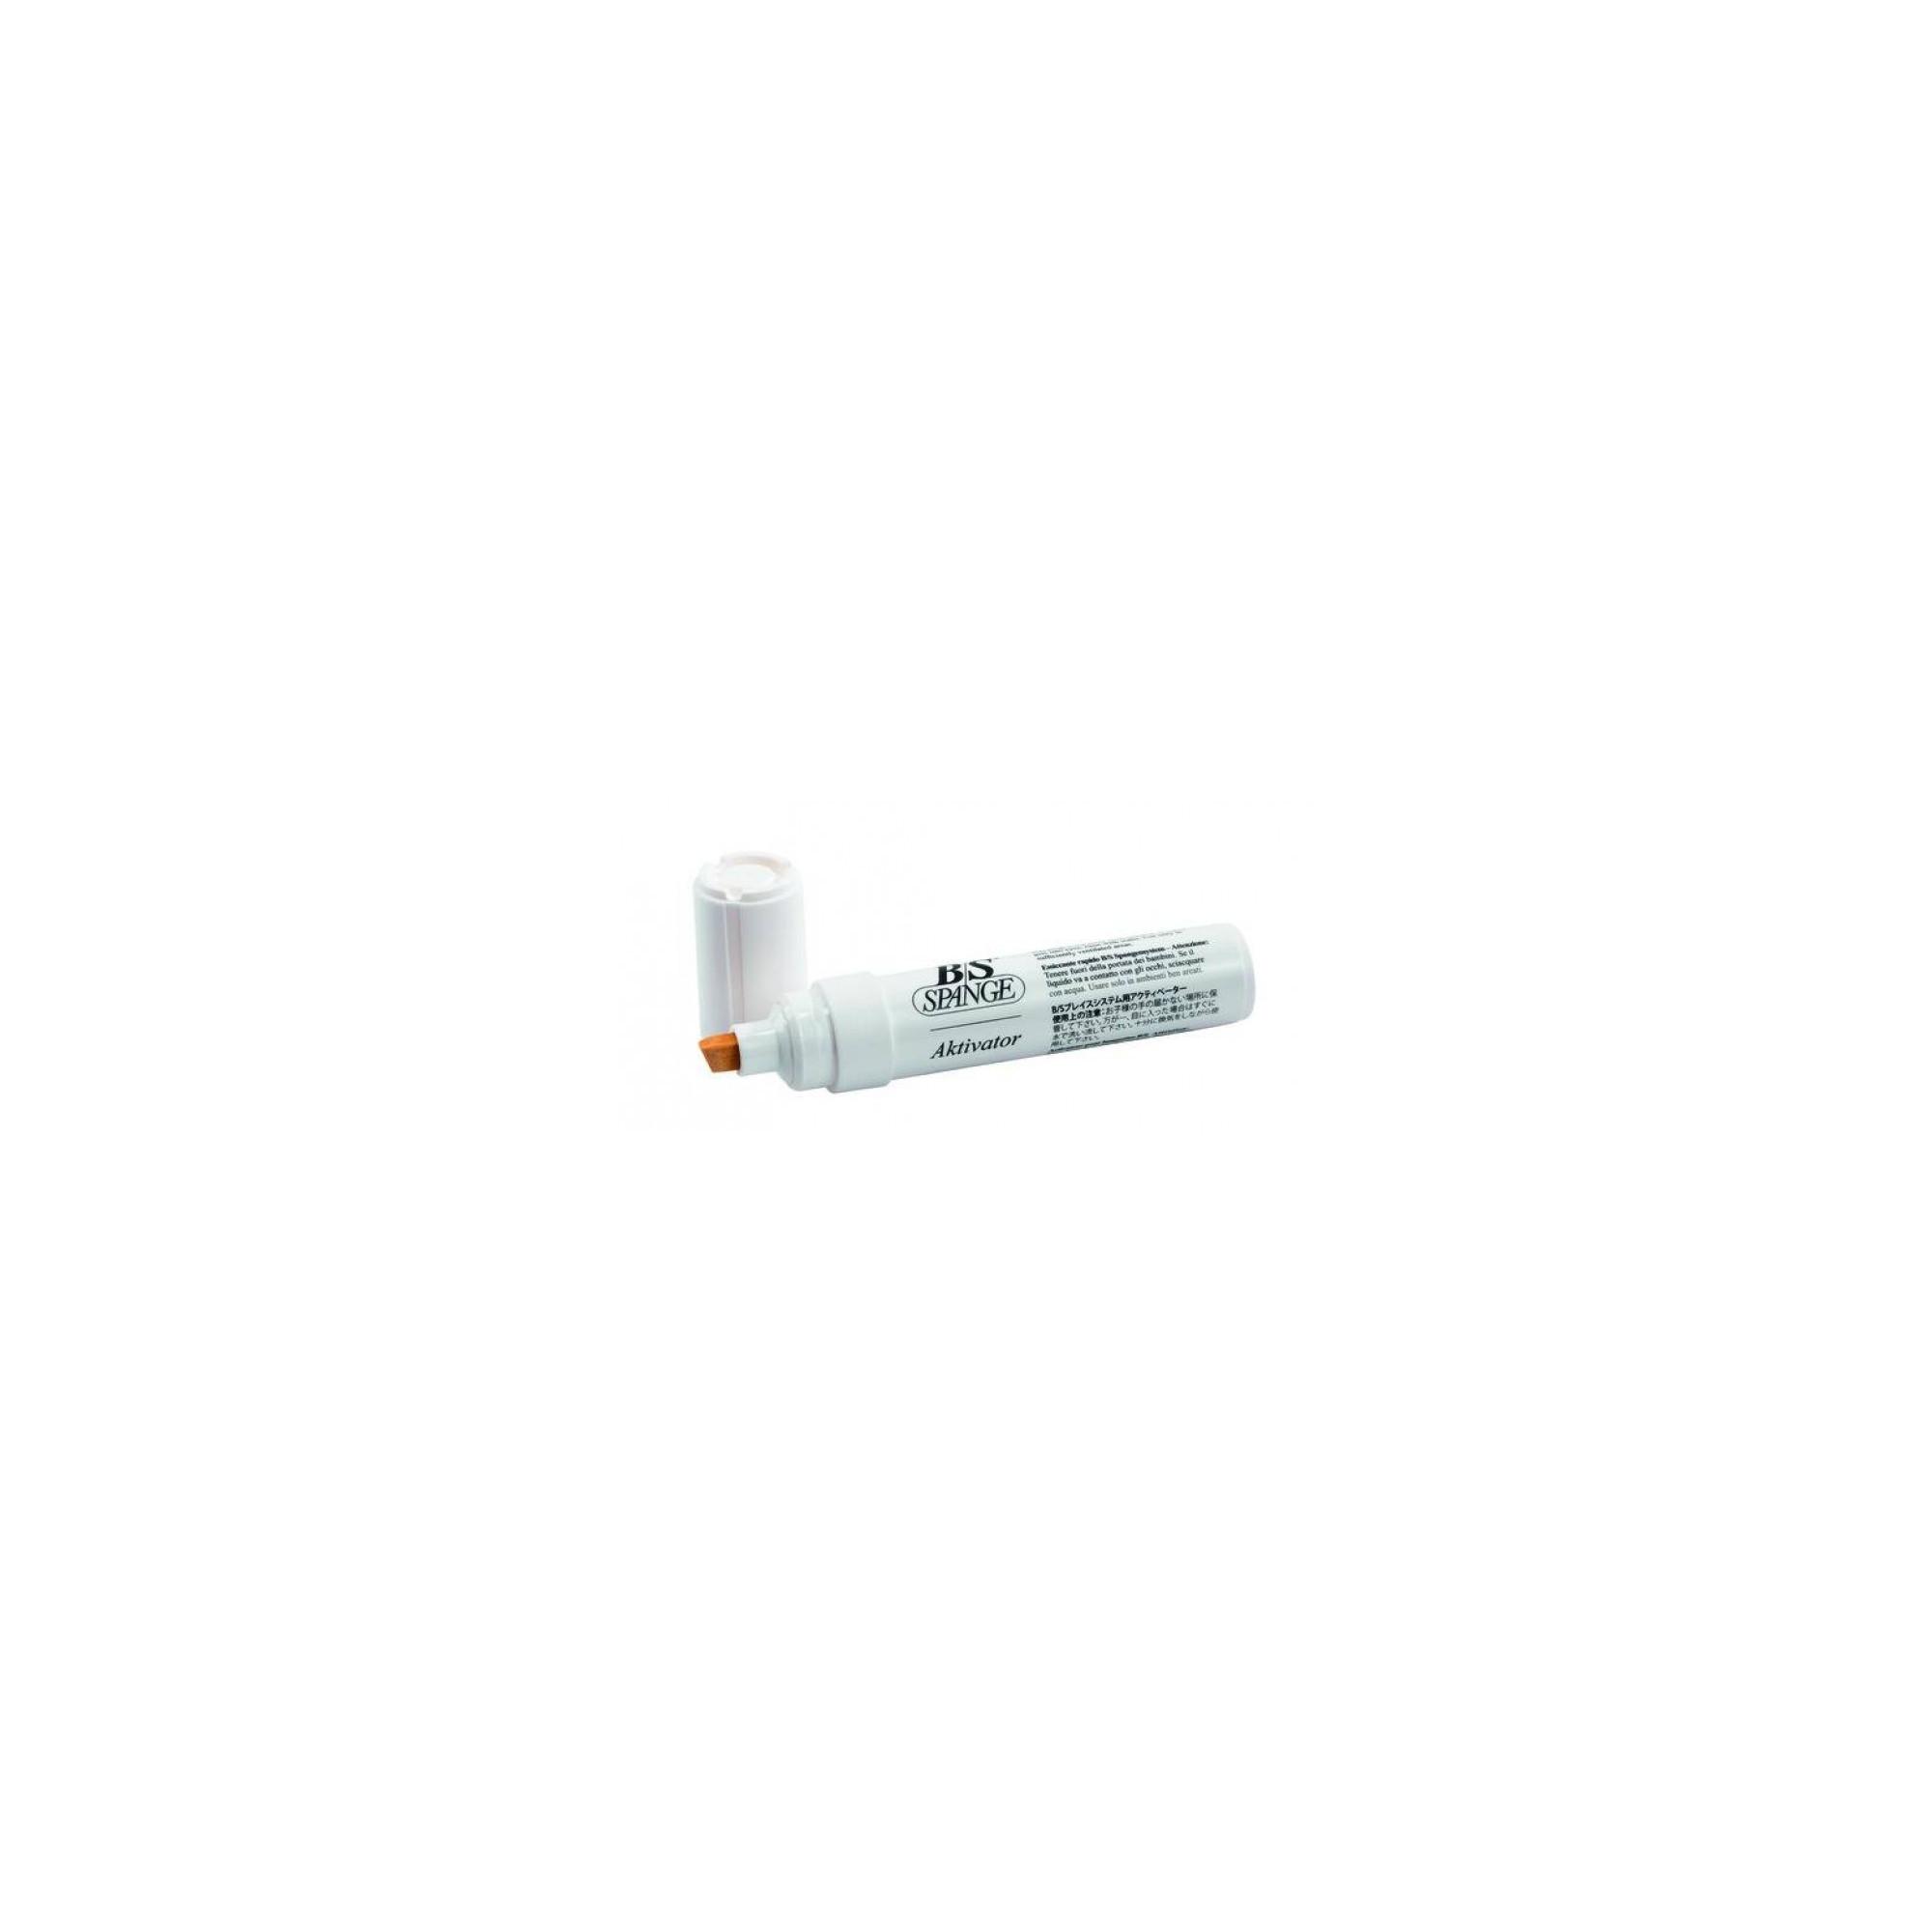 Stylo Aktivator B/S - Préparation de l'ongle